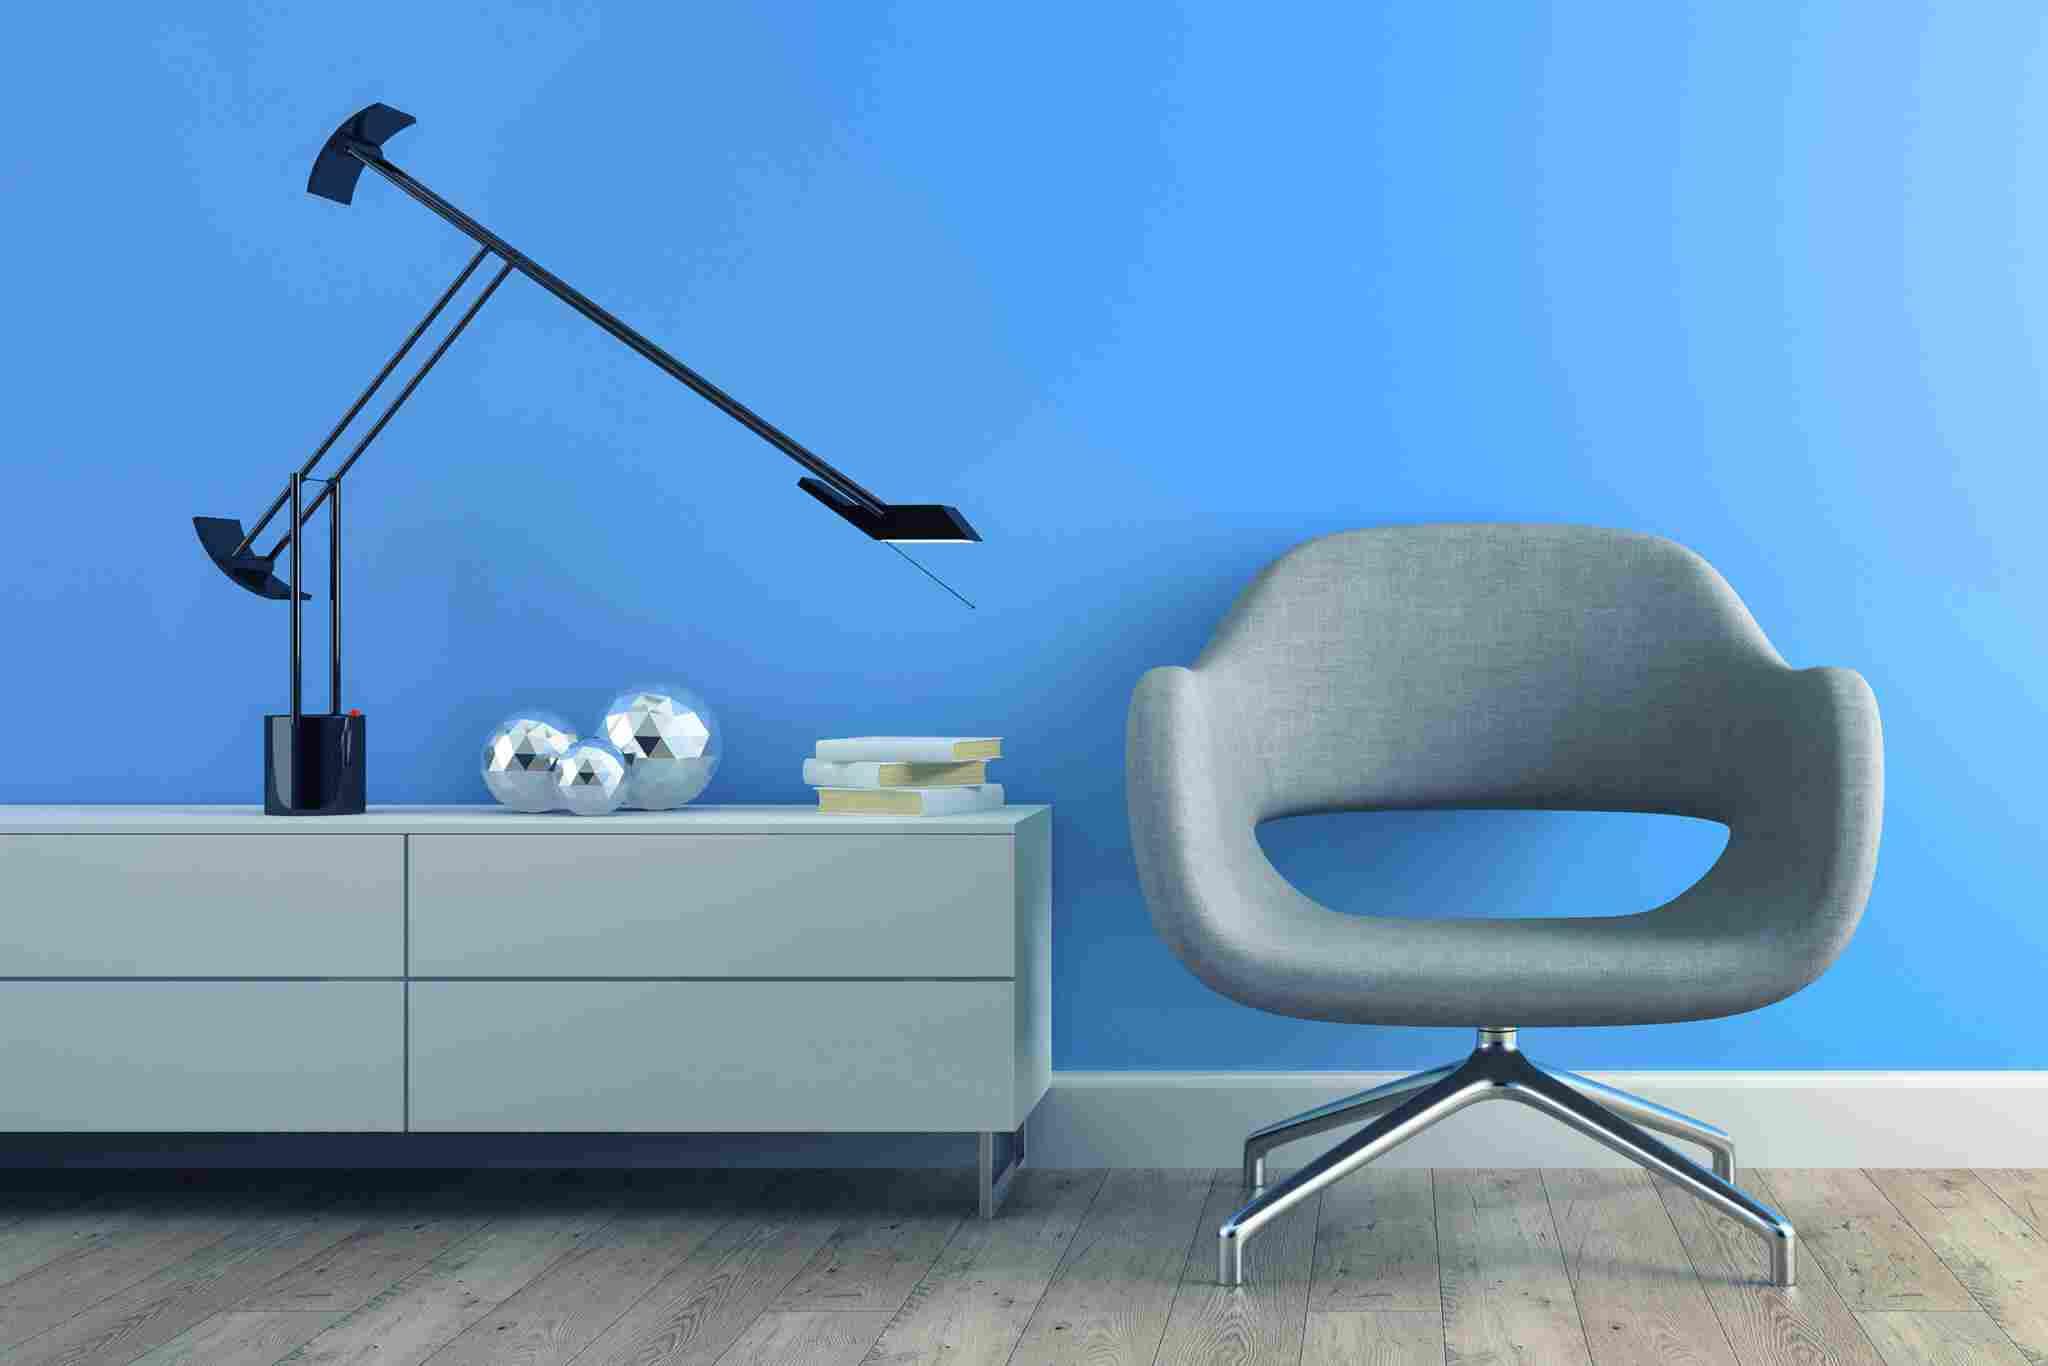 http://kpk-lenk.de/wp-content/uploads/2017/05/image-chair-blue-wall.jpg